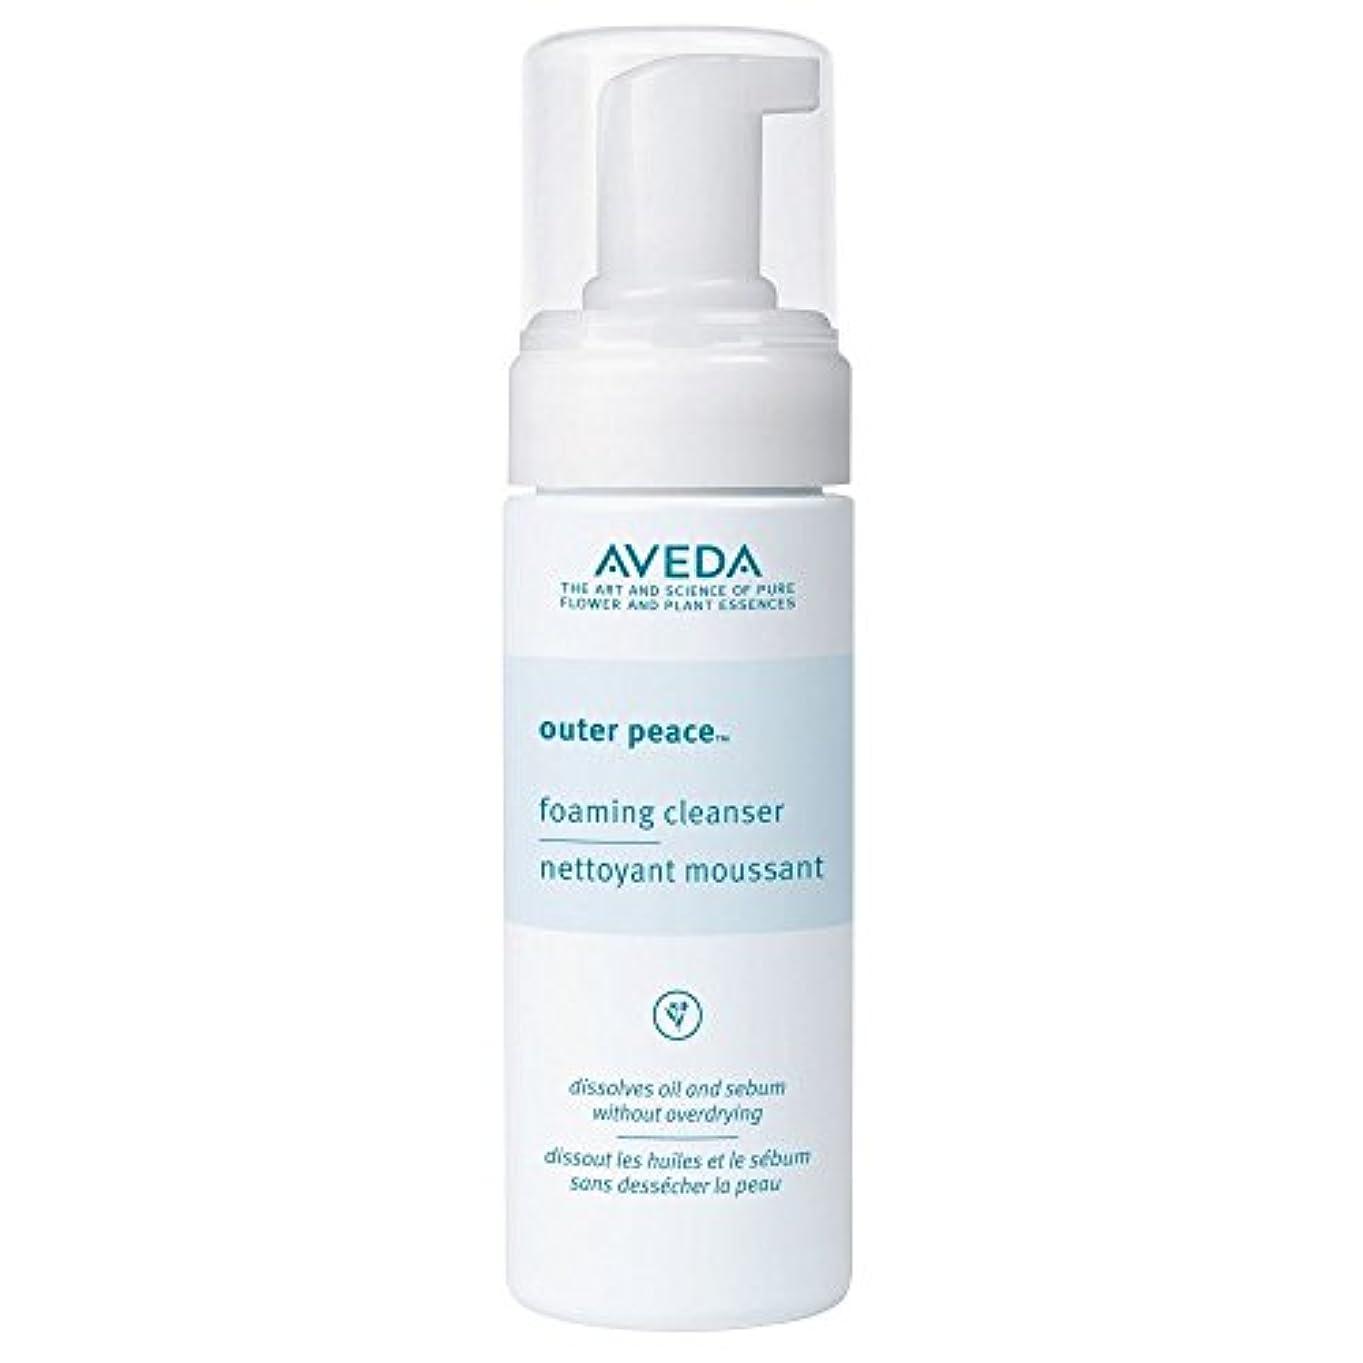 法的羨望誘惑[AVEDA] アヴェダ外平和フォーミングクレンザー、125ミリリットル - Aveda Outer Peace Foaming Cleanser, 125ml [並行輸入品]